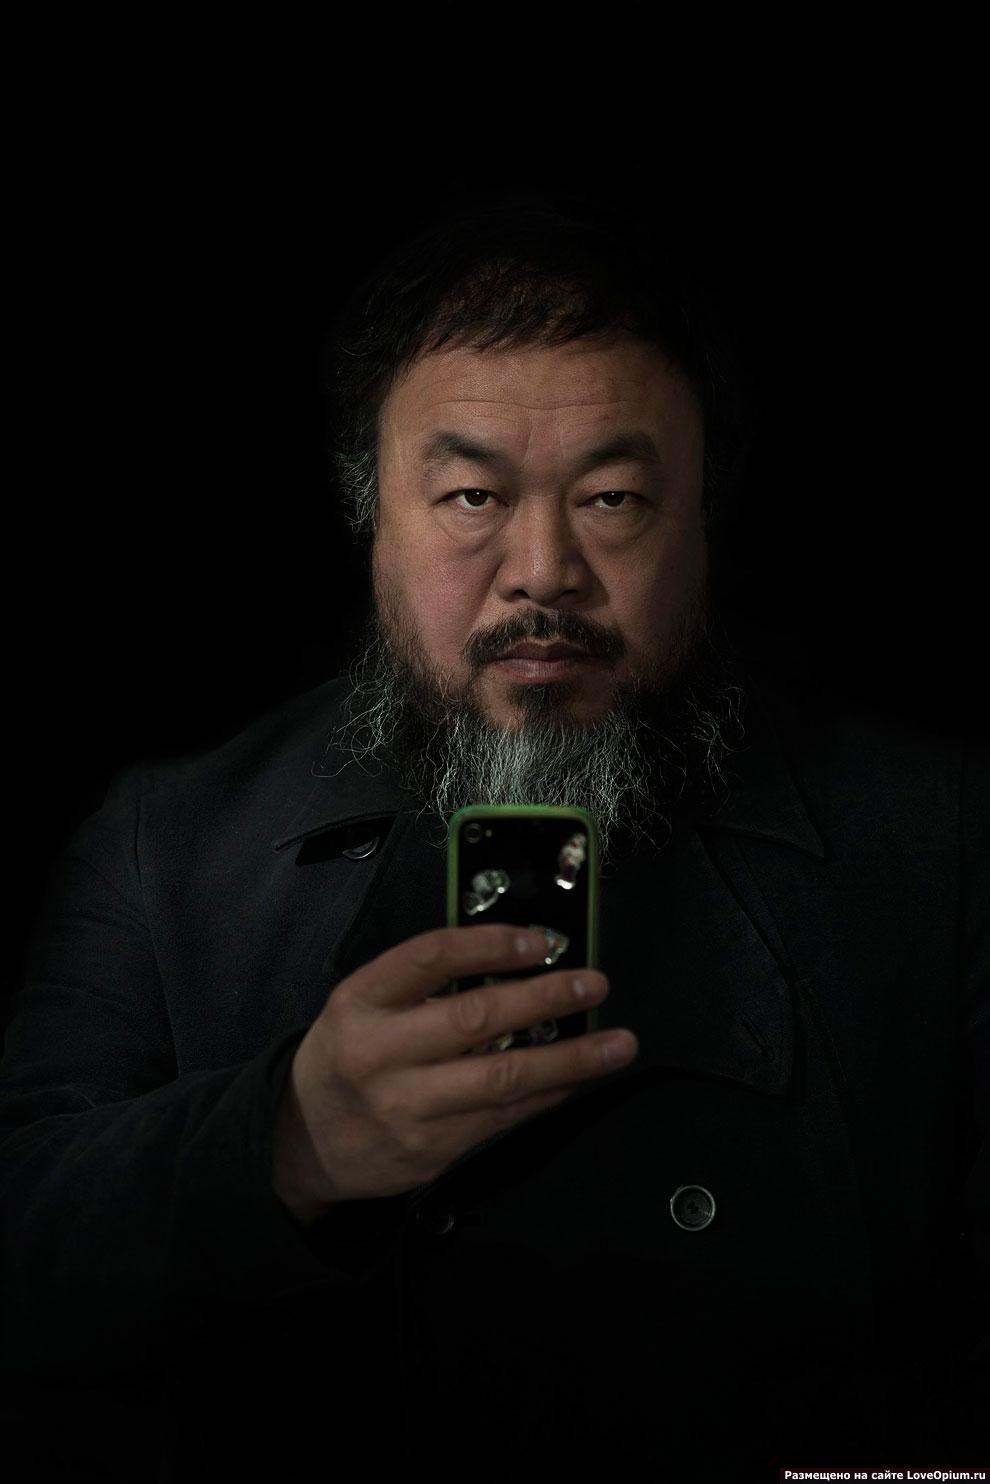 2-е место в категории «Люди» занял портрет малазийского фотографа, работающего для журнала Smithsonian